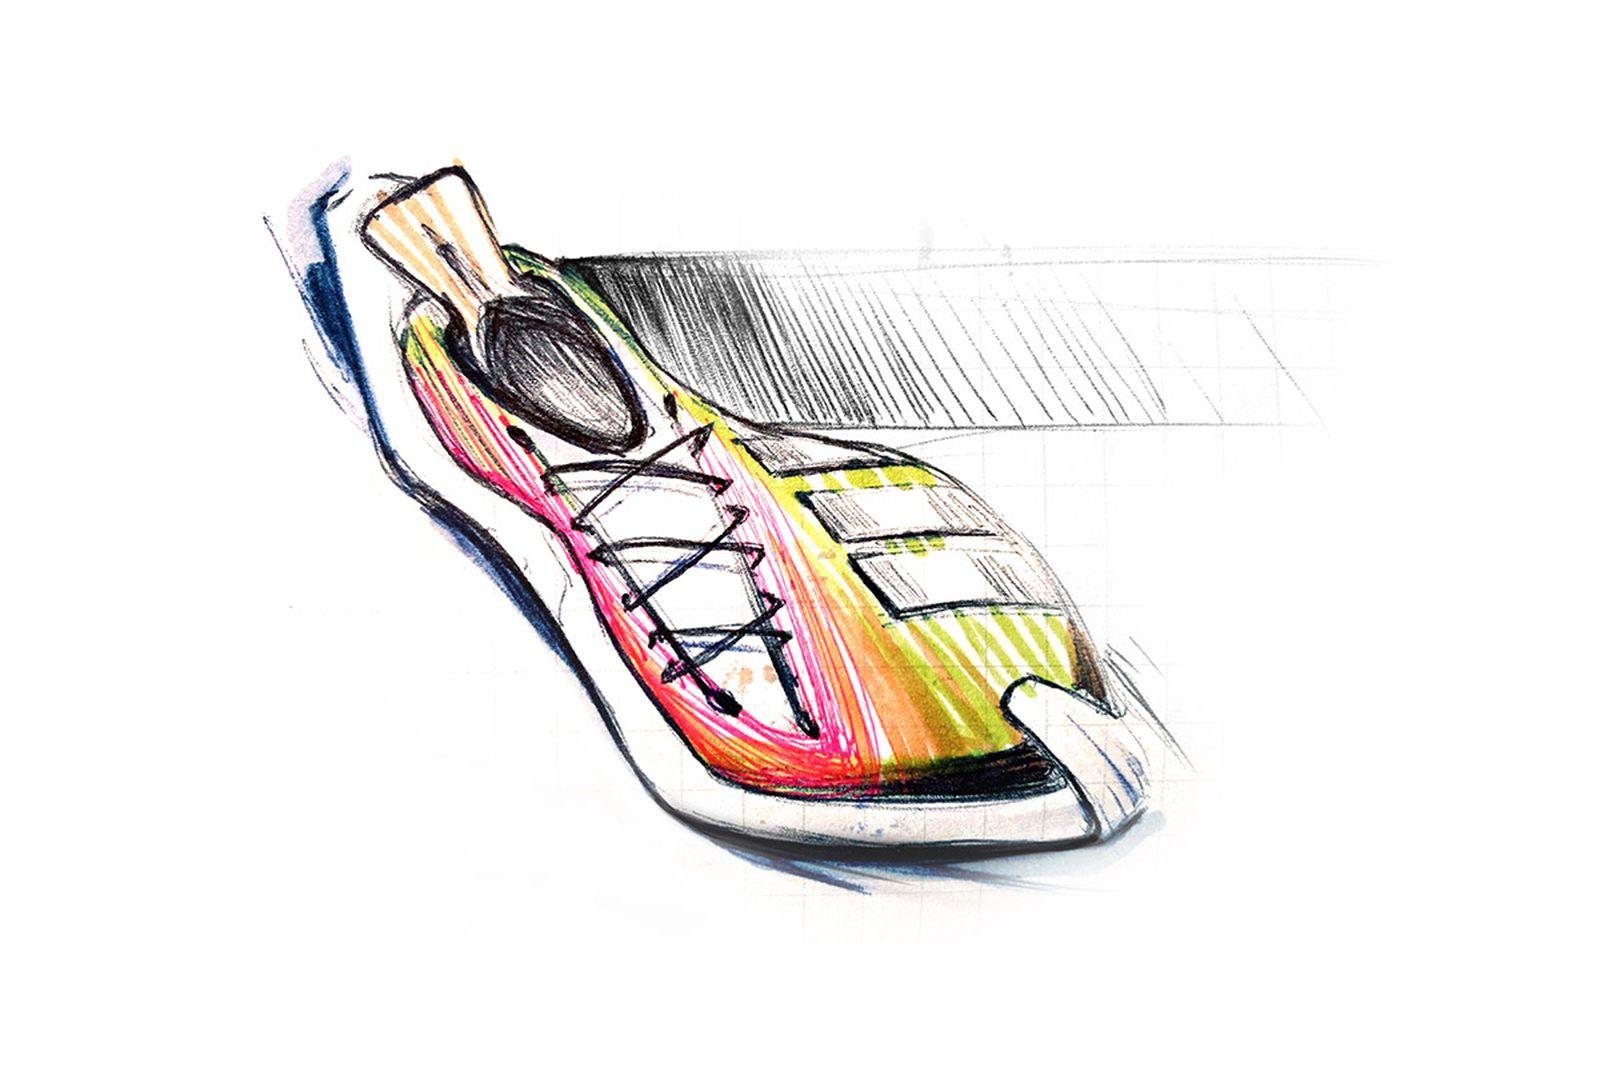 adidas-futurecraft-strung-deep-dive-interview-03